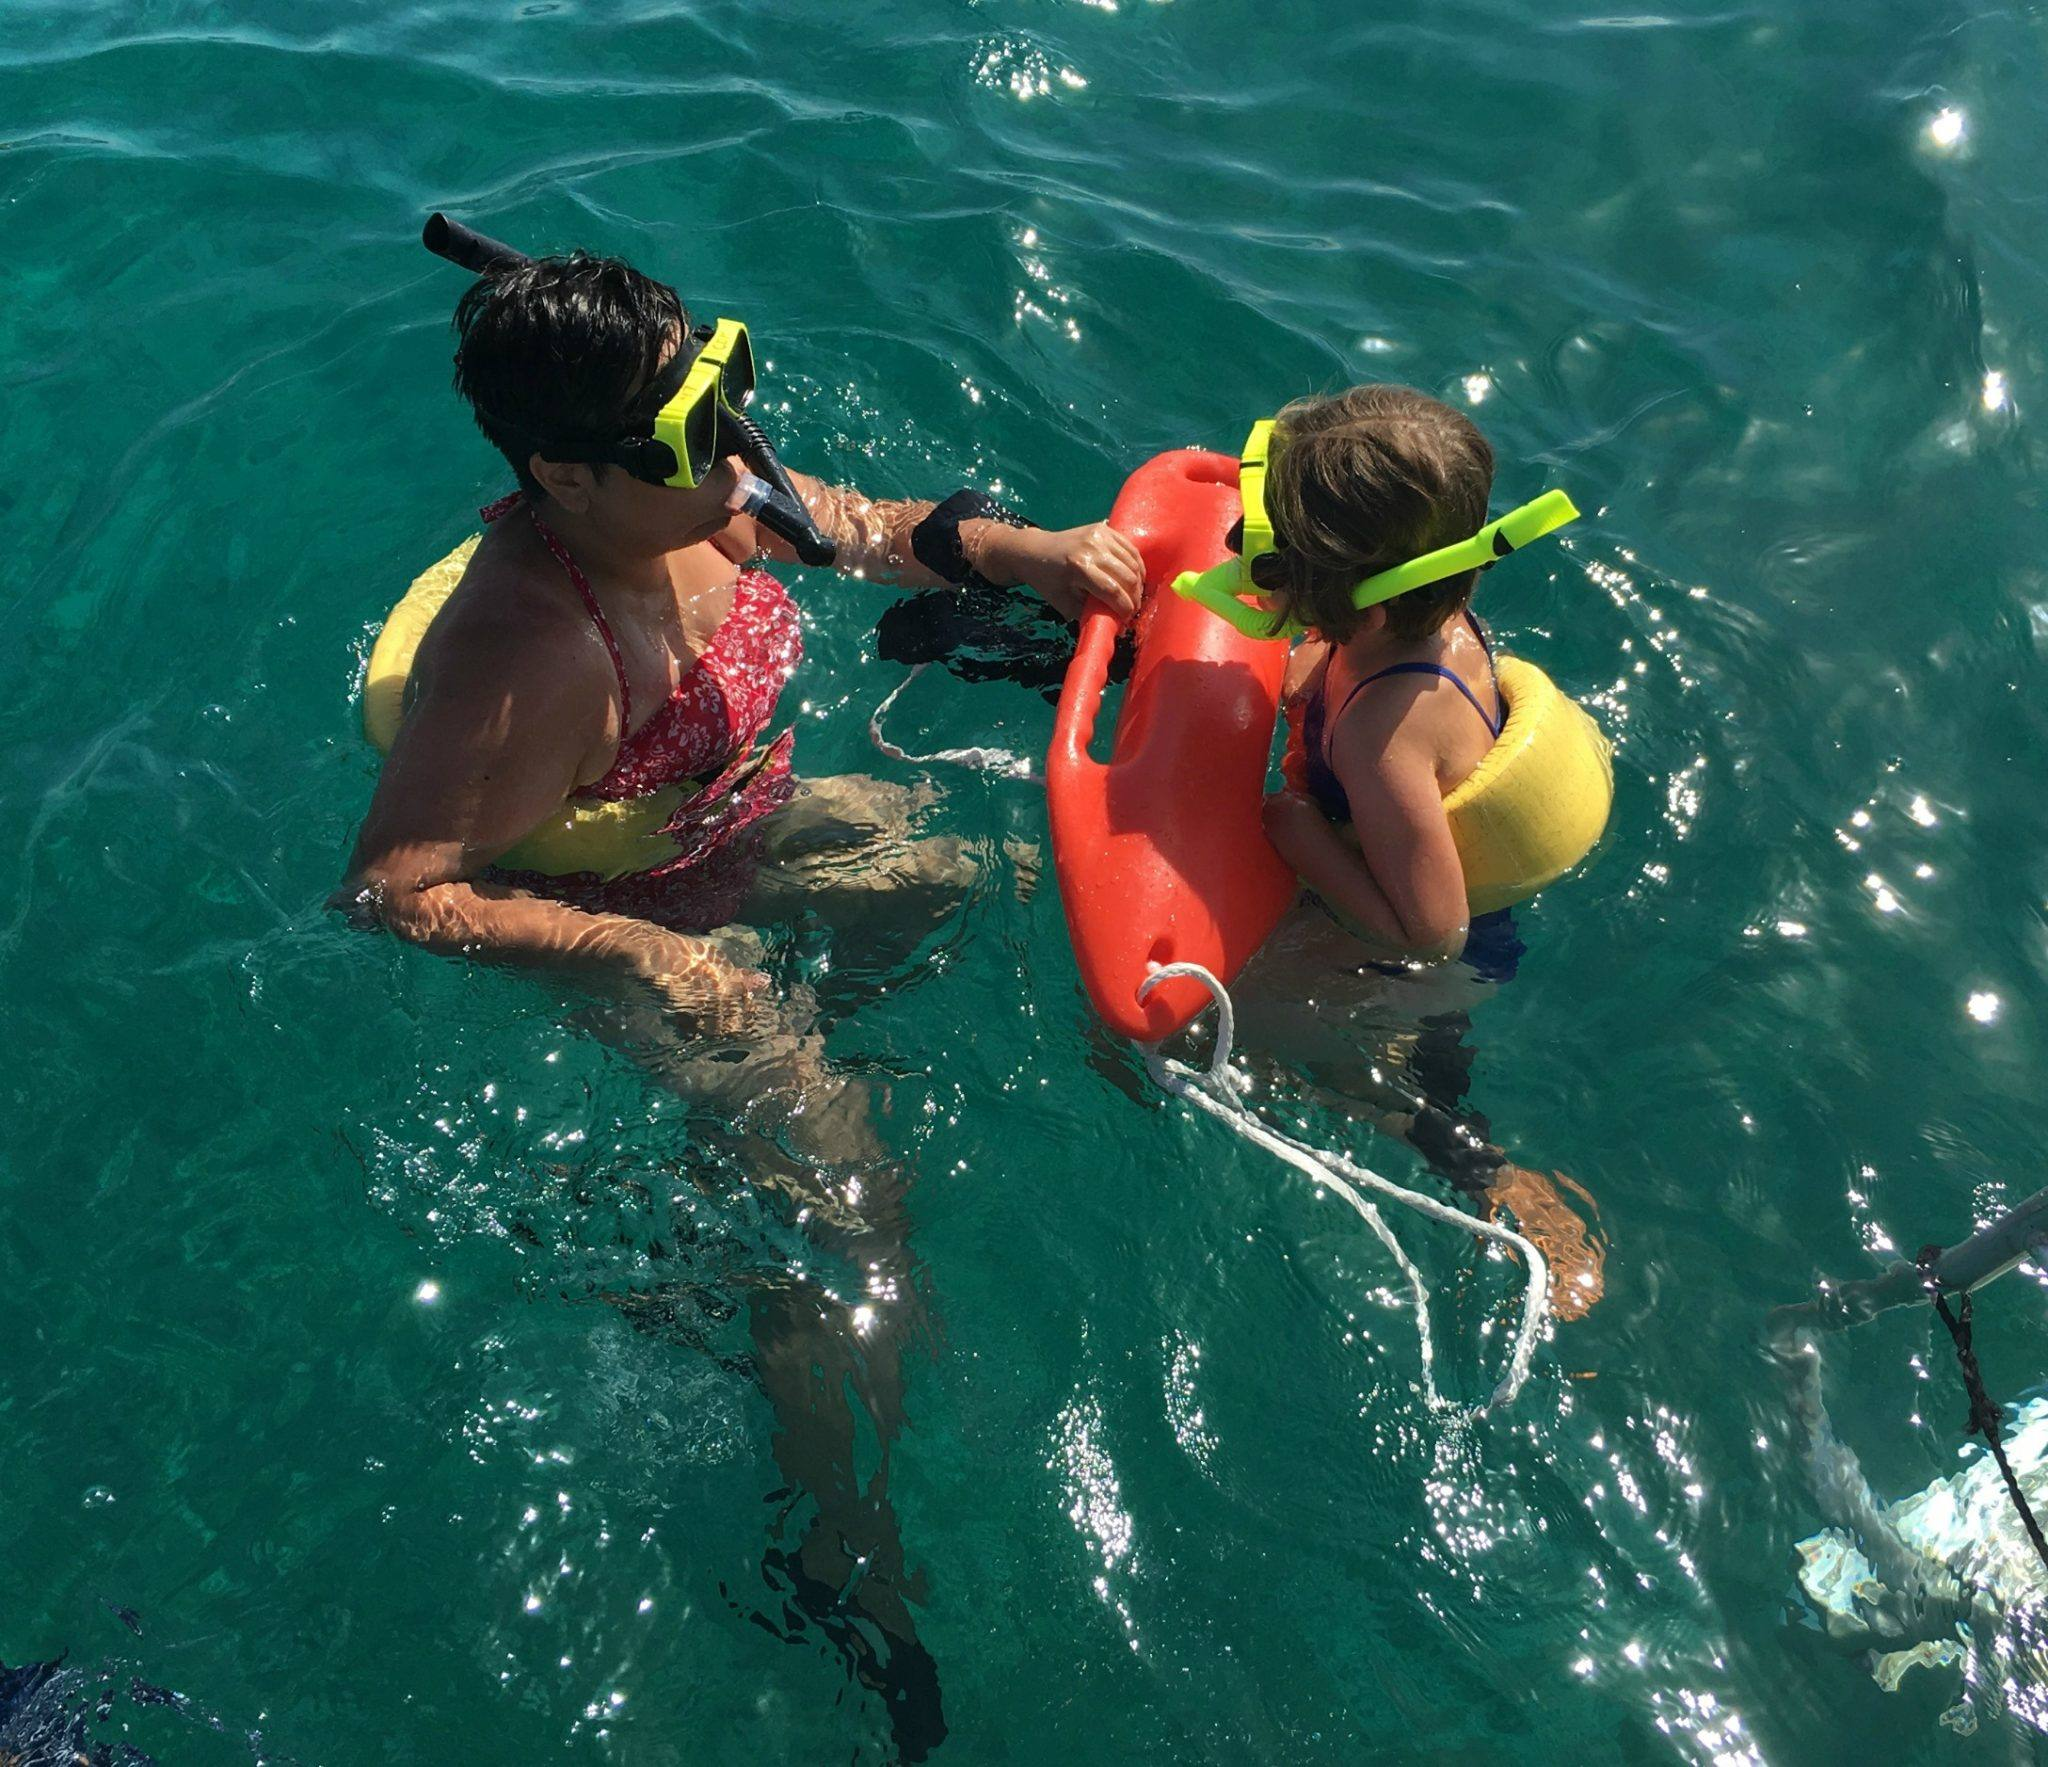 Snorkeling Puerto Rico at El Conquistador Resort with Kids